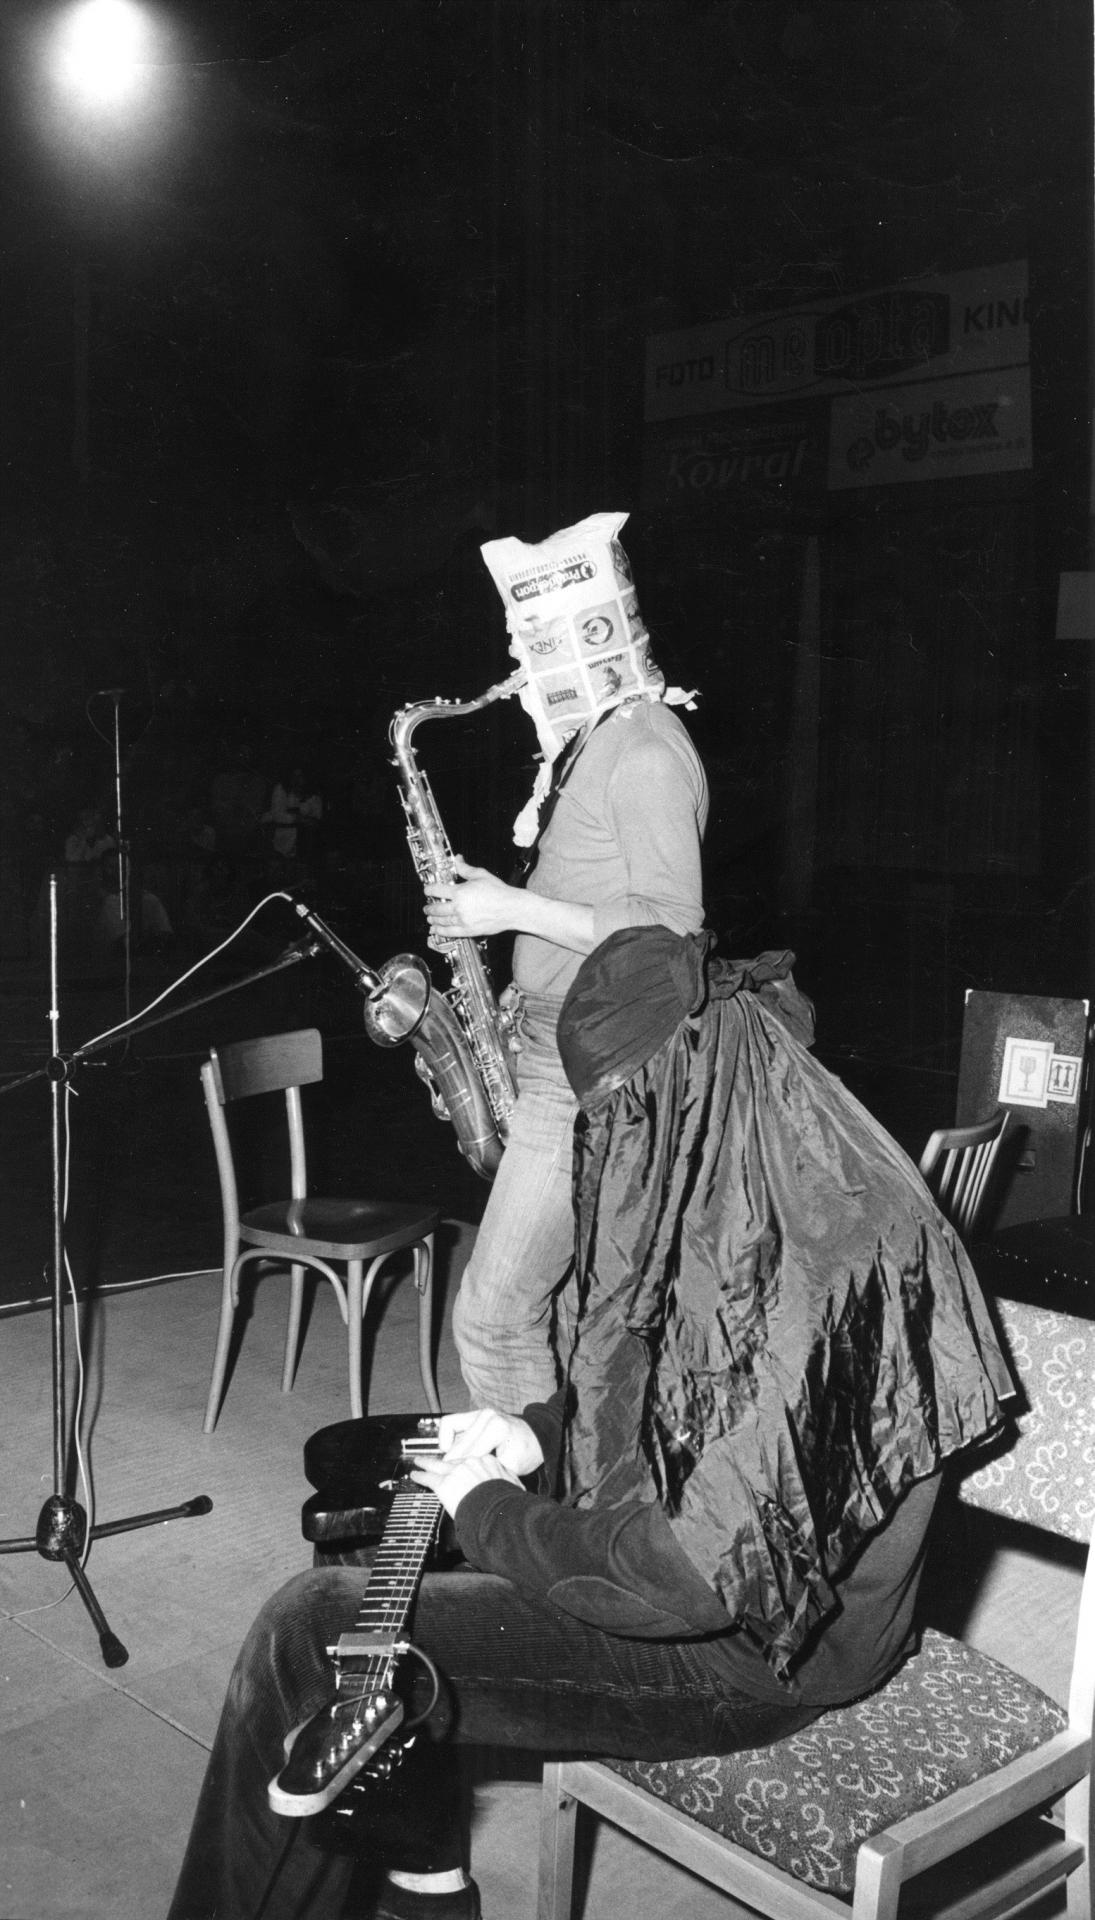 Kilhets, IX Pražské jazzové dny (Praskie dni jazzowe), 1979, foto: Jiří Kučera, dzięki uprzejmości Mikoláša Chadimy